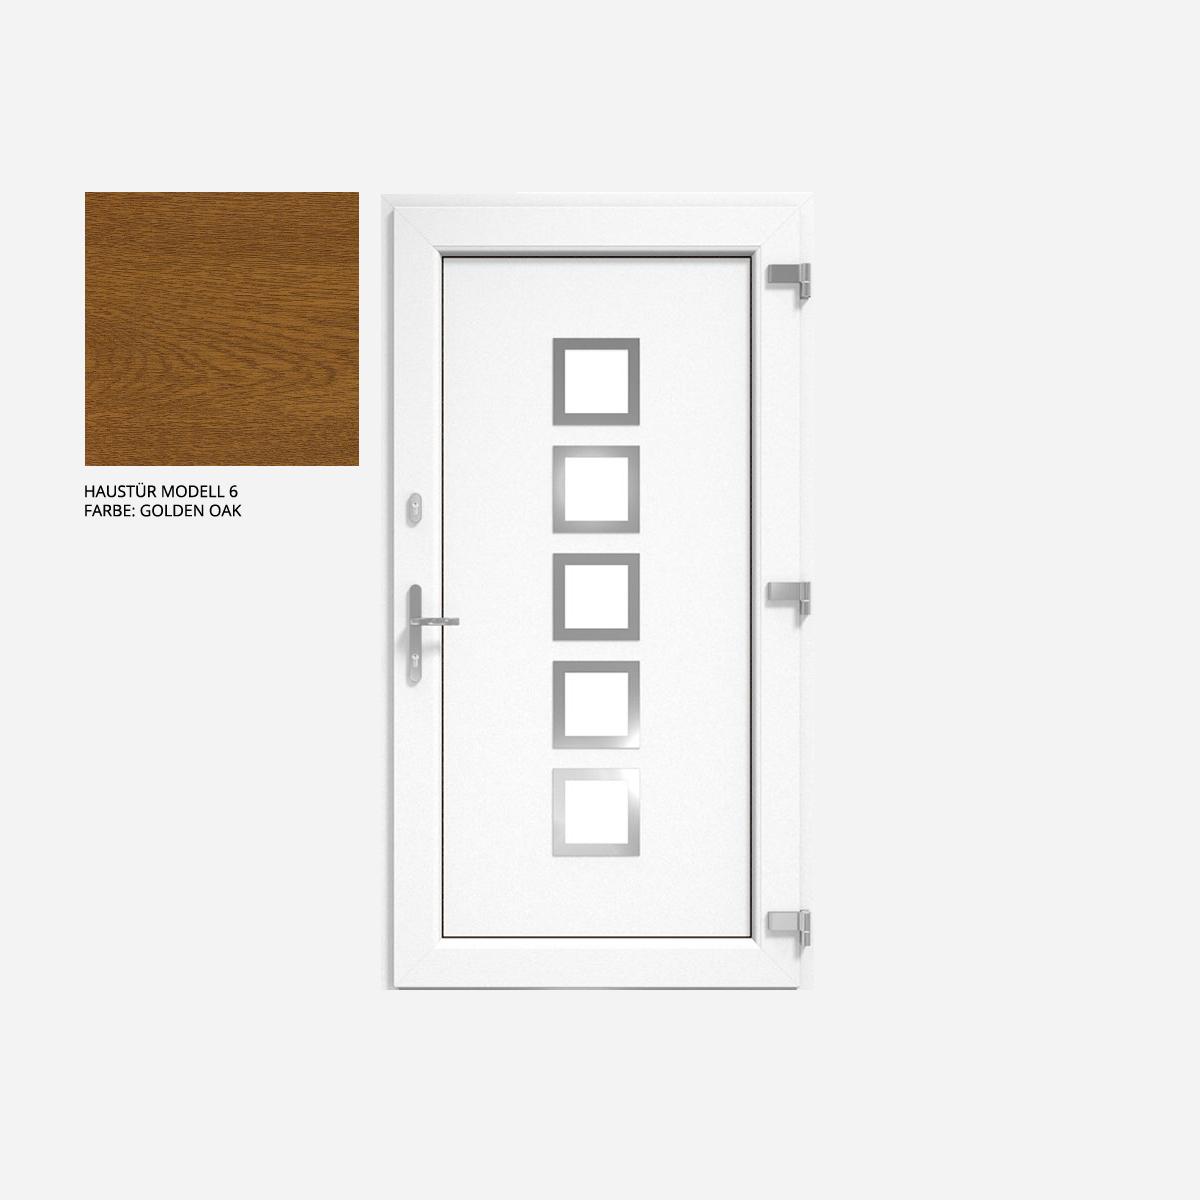 kunststoff haust r iglo 5 modell 6 golden oak shop haust ren modell 6. Black Bedroom Furniture Sets. Home Design Ideas